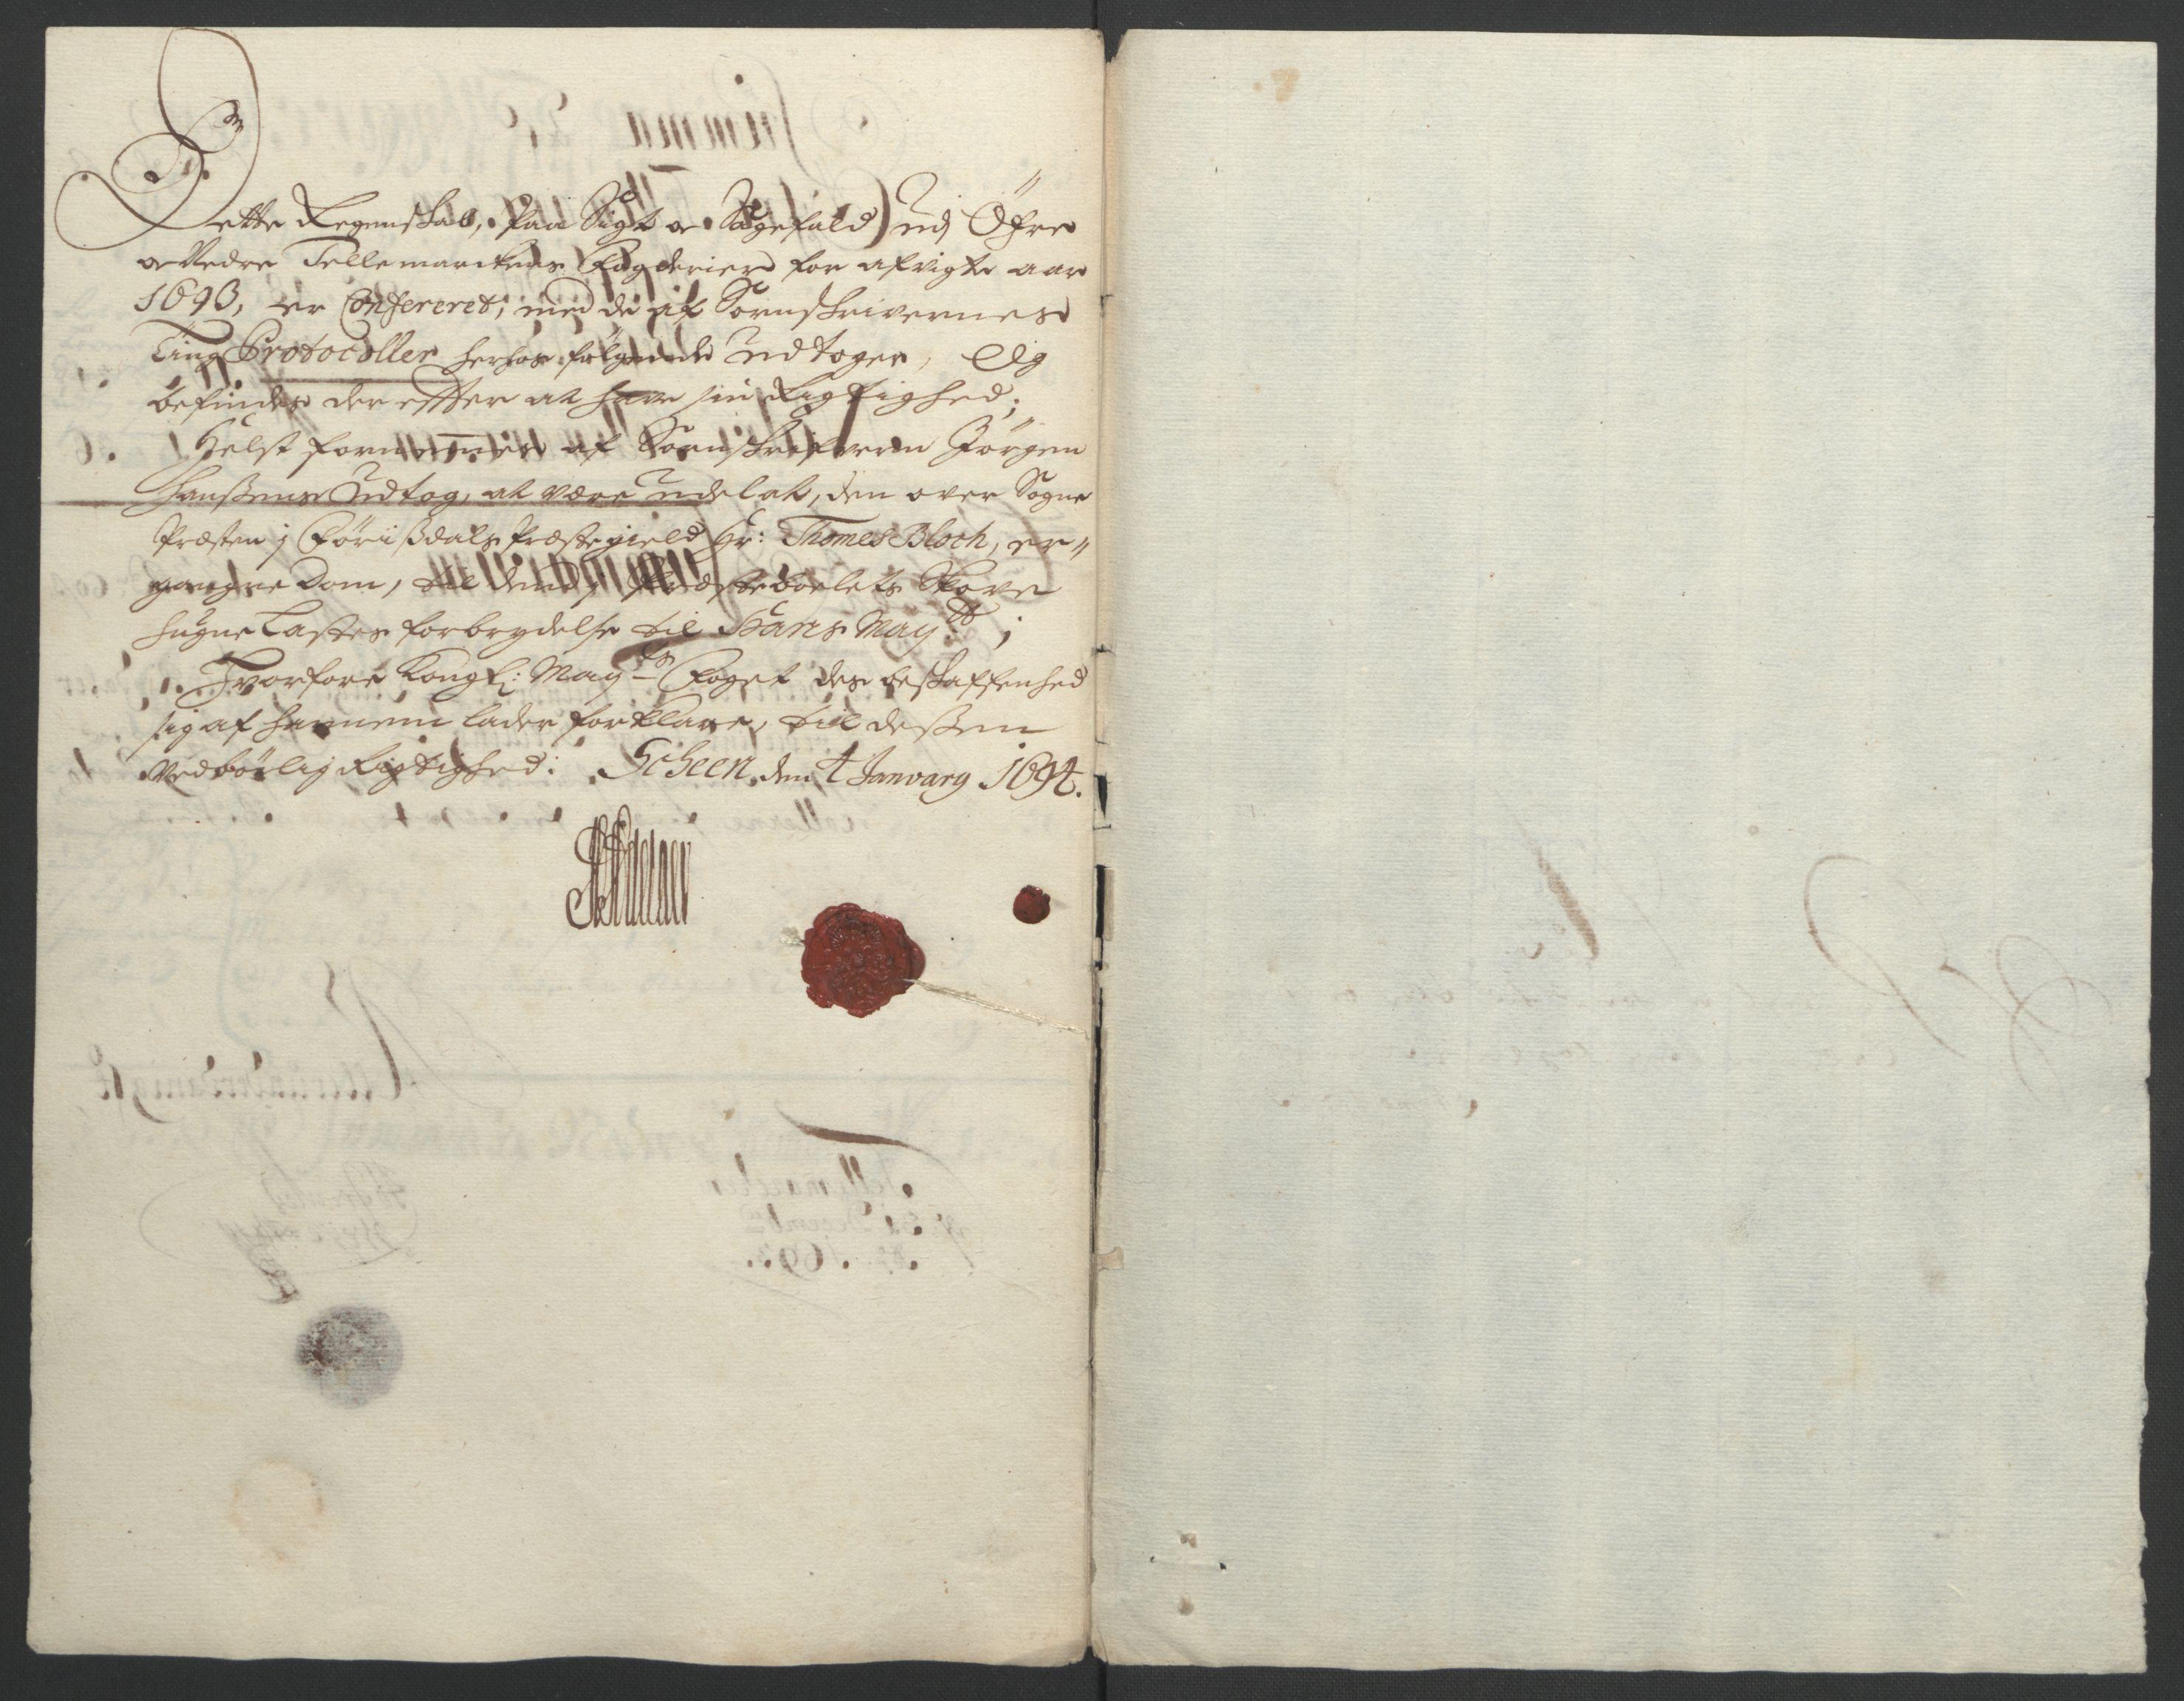 RA, Rentekammeret inntil 1814, Reviderte regnskaper, Fogderegnskap, R35/L2091: Fogderegnskap Øvre og Nedre Telemark, 1690-1693, s. 262